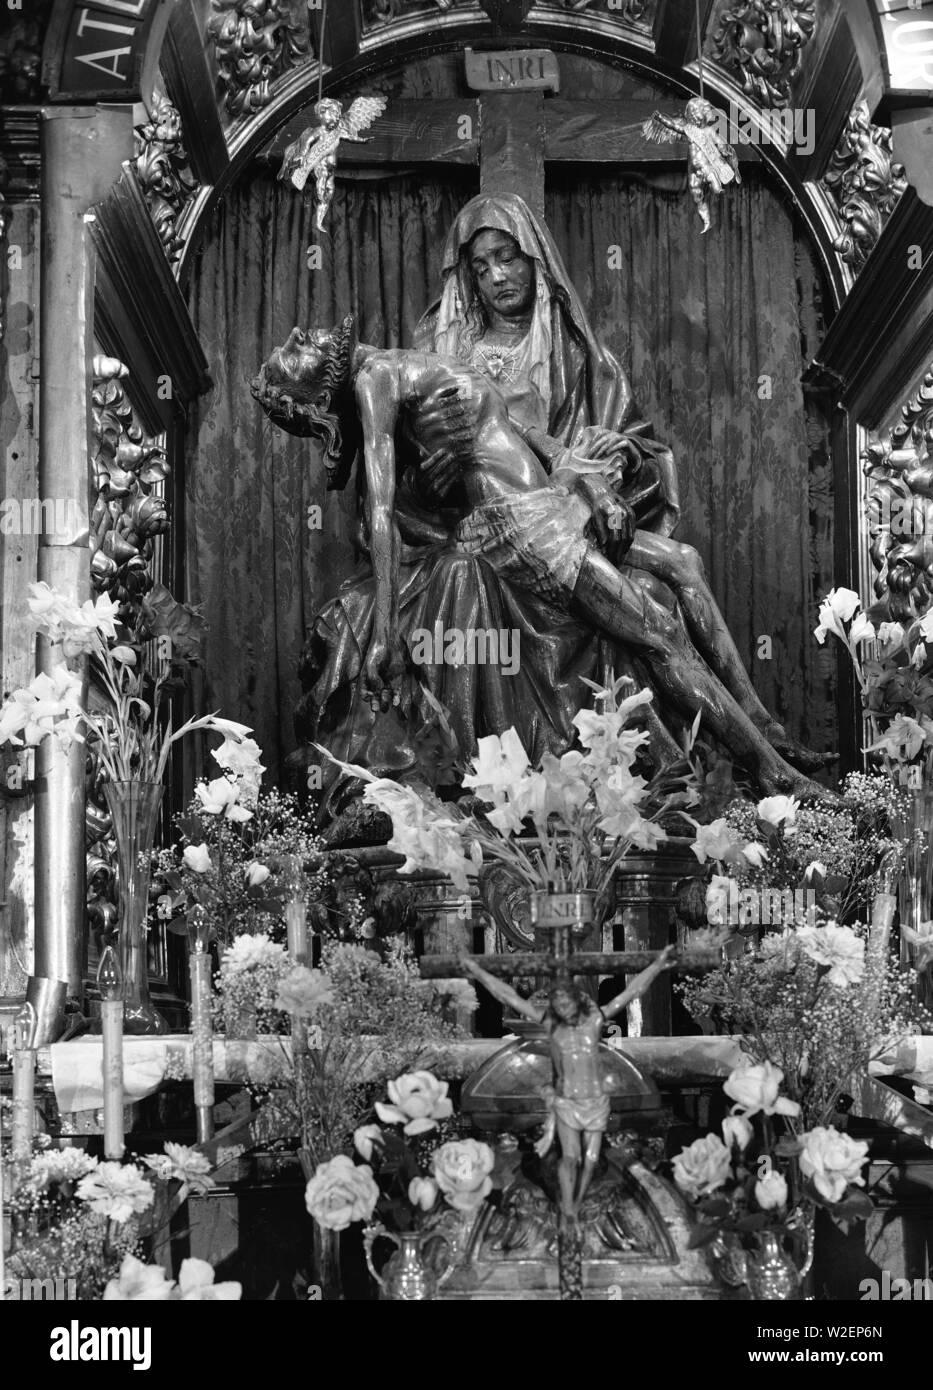 PIEDAD - SIGLO XV - FOTOGRAFIA EN BLANCO Y NEGRO - AÑOS 60. Location: IGLESIA DEL MERCADO. LEON. SPAIN. CRISTO MUERTO. VIRGEN DEL CAMINO. - Stock Image